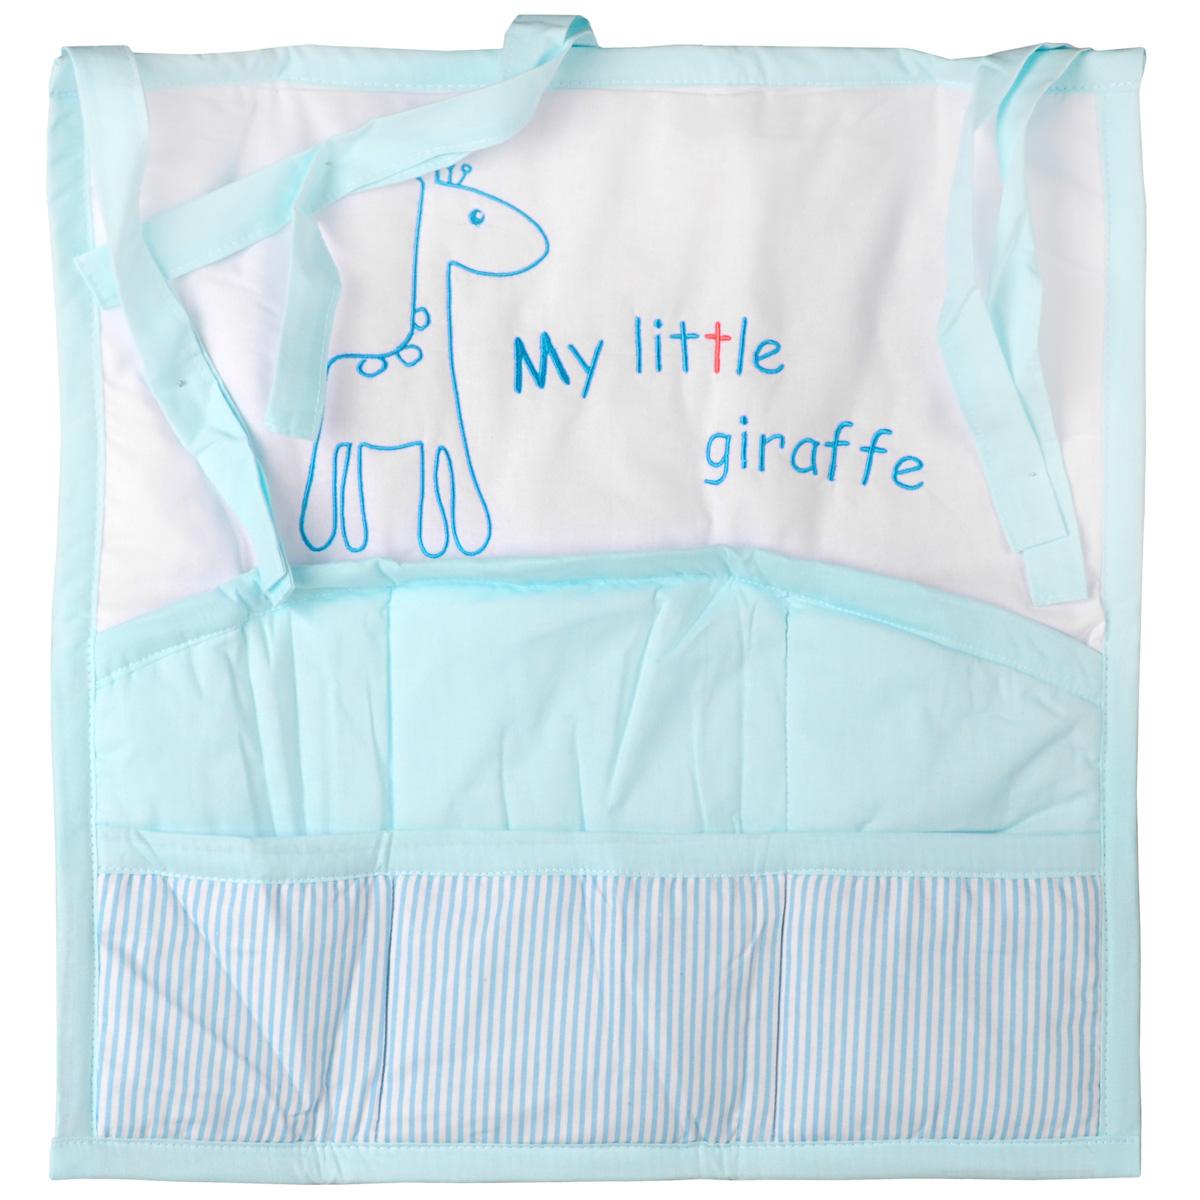 """Карман на кроватку Fairy """"Жирафик"""", изготовленный из натурального 100% хлопка с наполнителем из полиэстера, декорирован изображением забавного жирафа и надписью """"My Little Giraffe"""". Изделие оборудовано шестью вместительными кармашками и предназначено для хранения самых необходимых вещей малыша (игрушки, соски, бутылочки, подгузников или пеленки) и создания благоприятного эмоционального фона детской комнаты. С помощью текстильных веревочек, карман можно привязывать к спинке кроватки, как с внешней, так и с внутренней стороны. Общий размер изделия: 59 см х 60 см. Средний размер кармашков: 17 см х 18 см."""